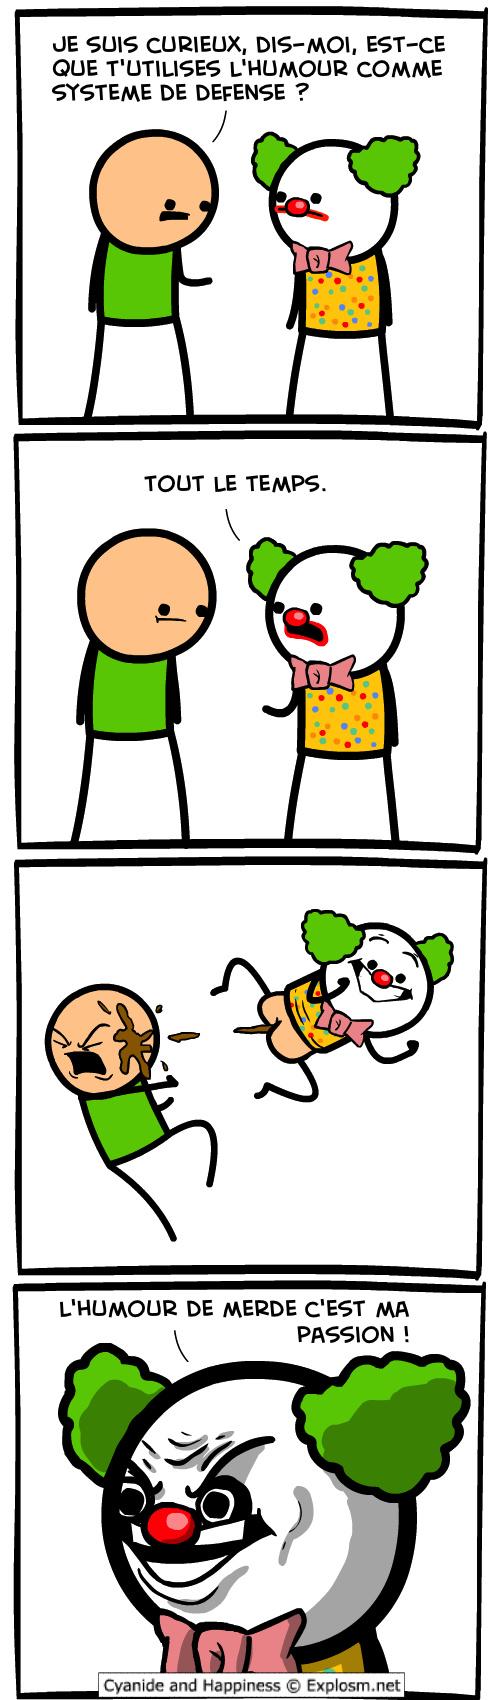 Humour de merde - meme